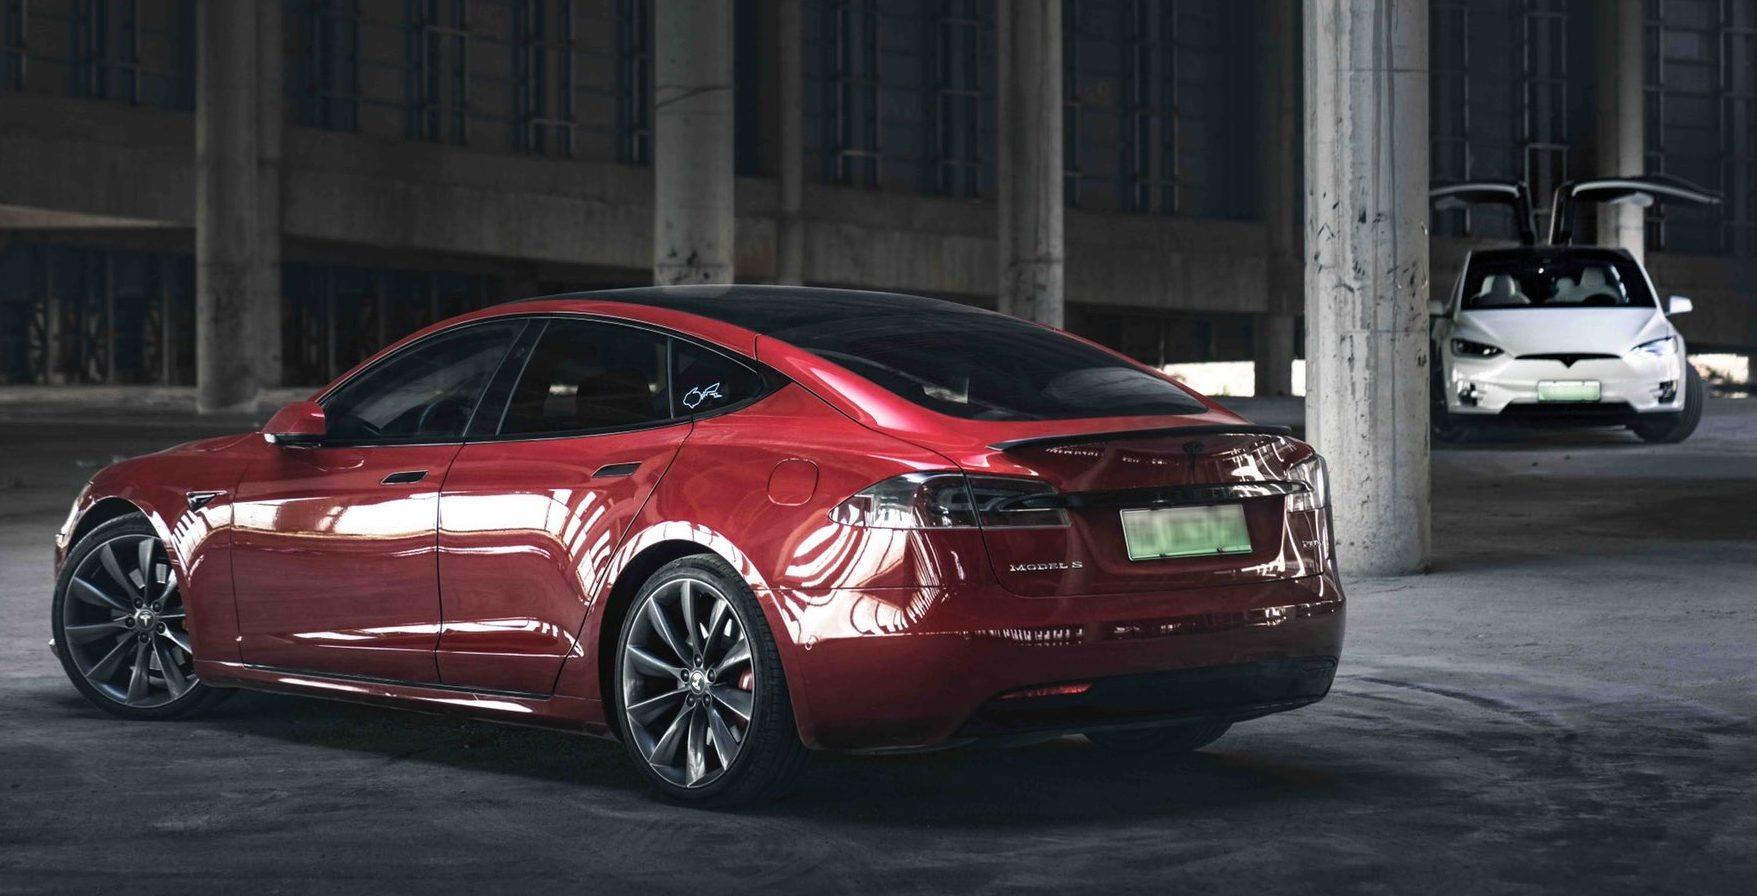 Прибыль Tesla (TSLA) за 1 квартал 2021 года: чего ожидать